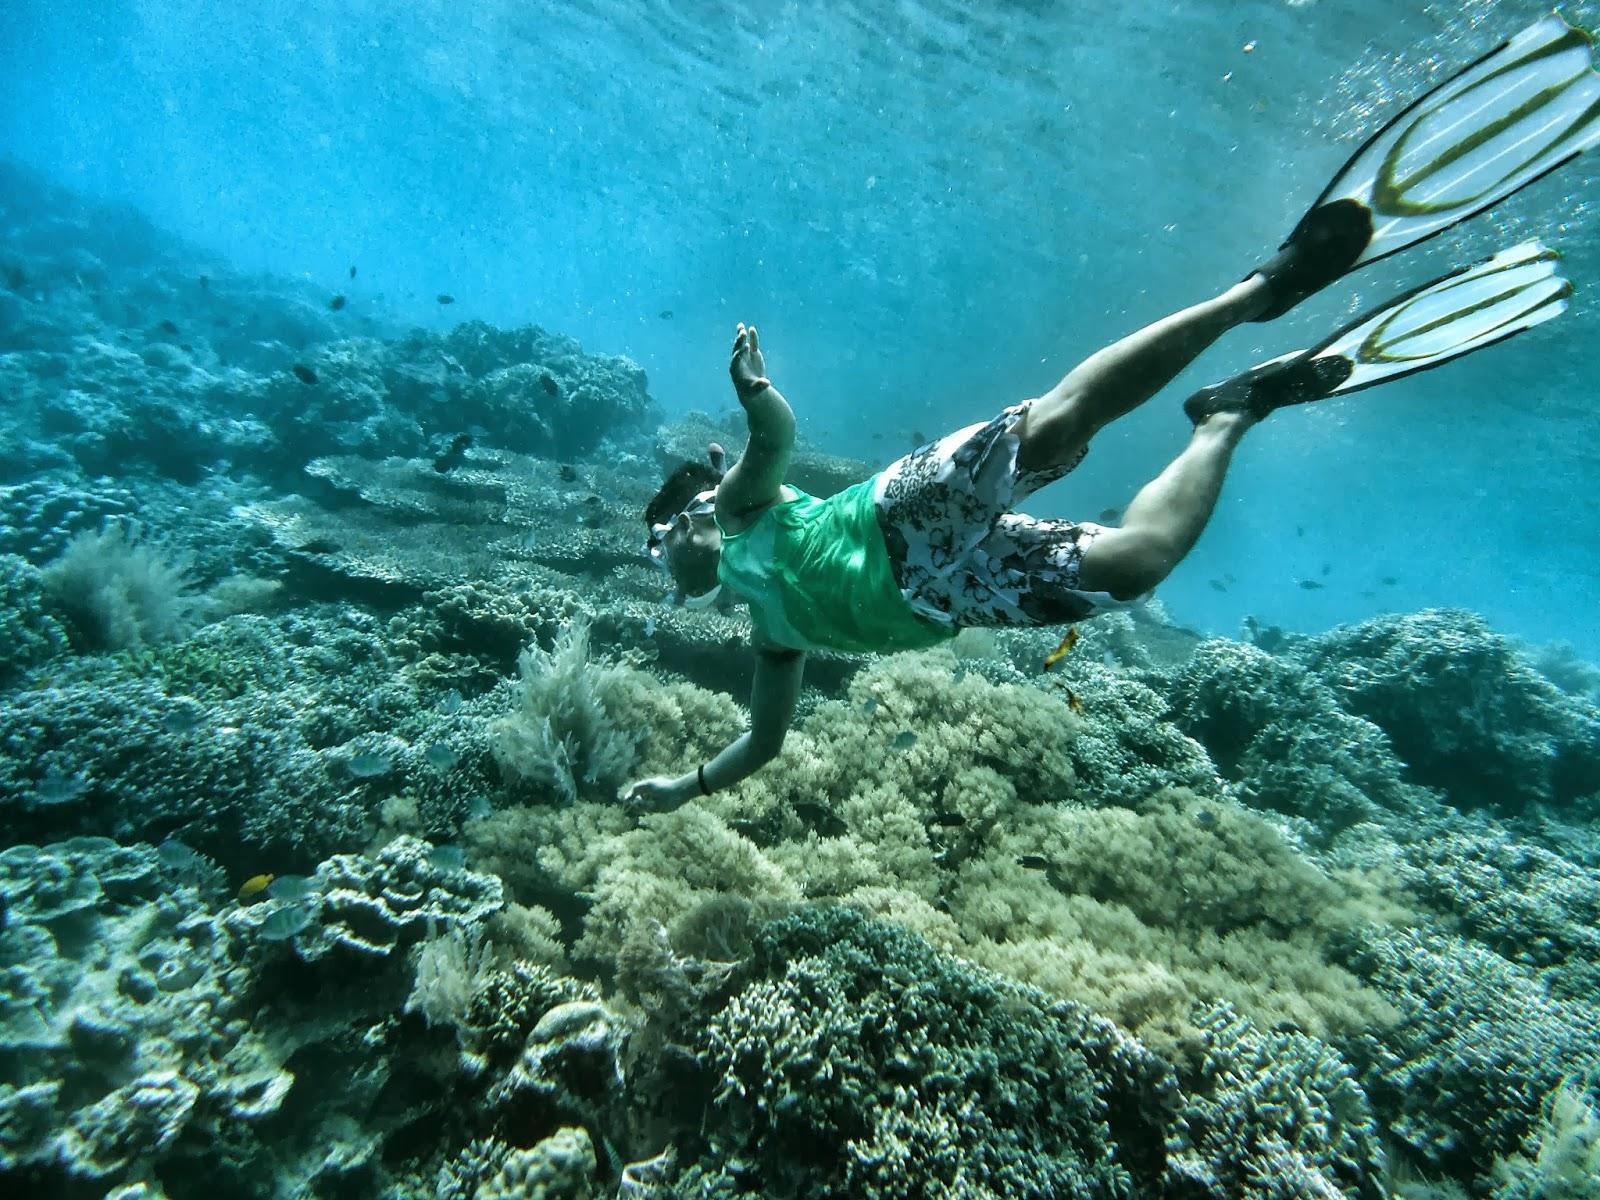 Diving Taman Laut Bunaken Wisata Manado Tempat Kota